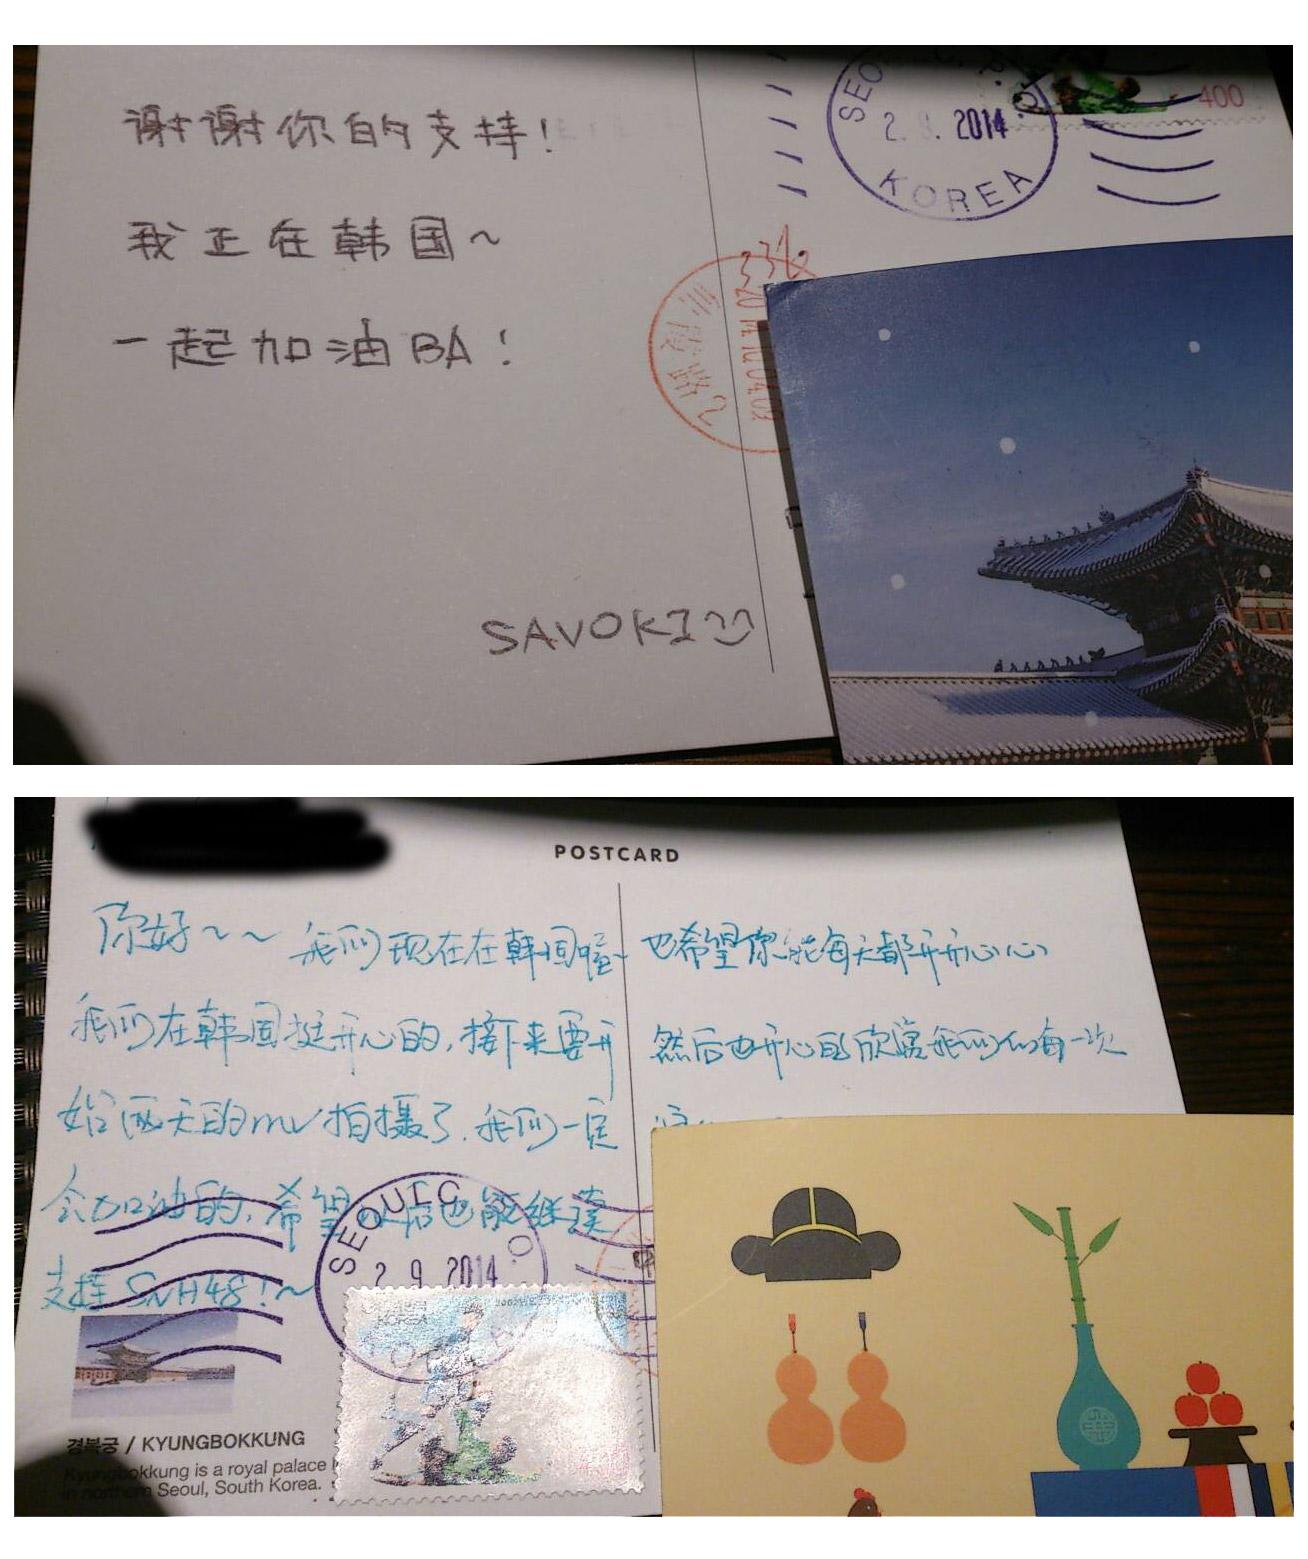 【SNH48】韓国から送られてきた趙嘉敏(SAVOKI)と鞠婧禕(鞠ちゃん)からの手紙